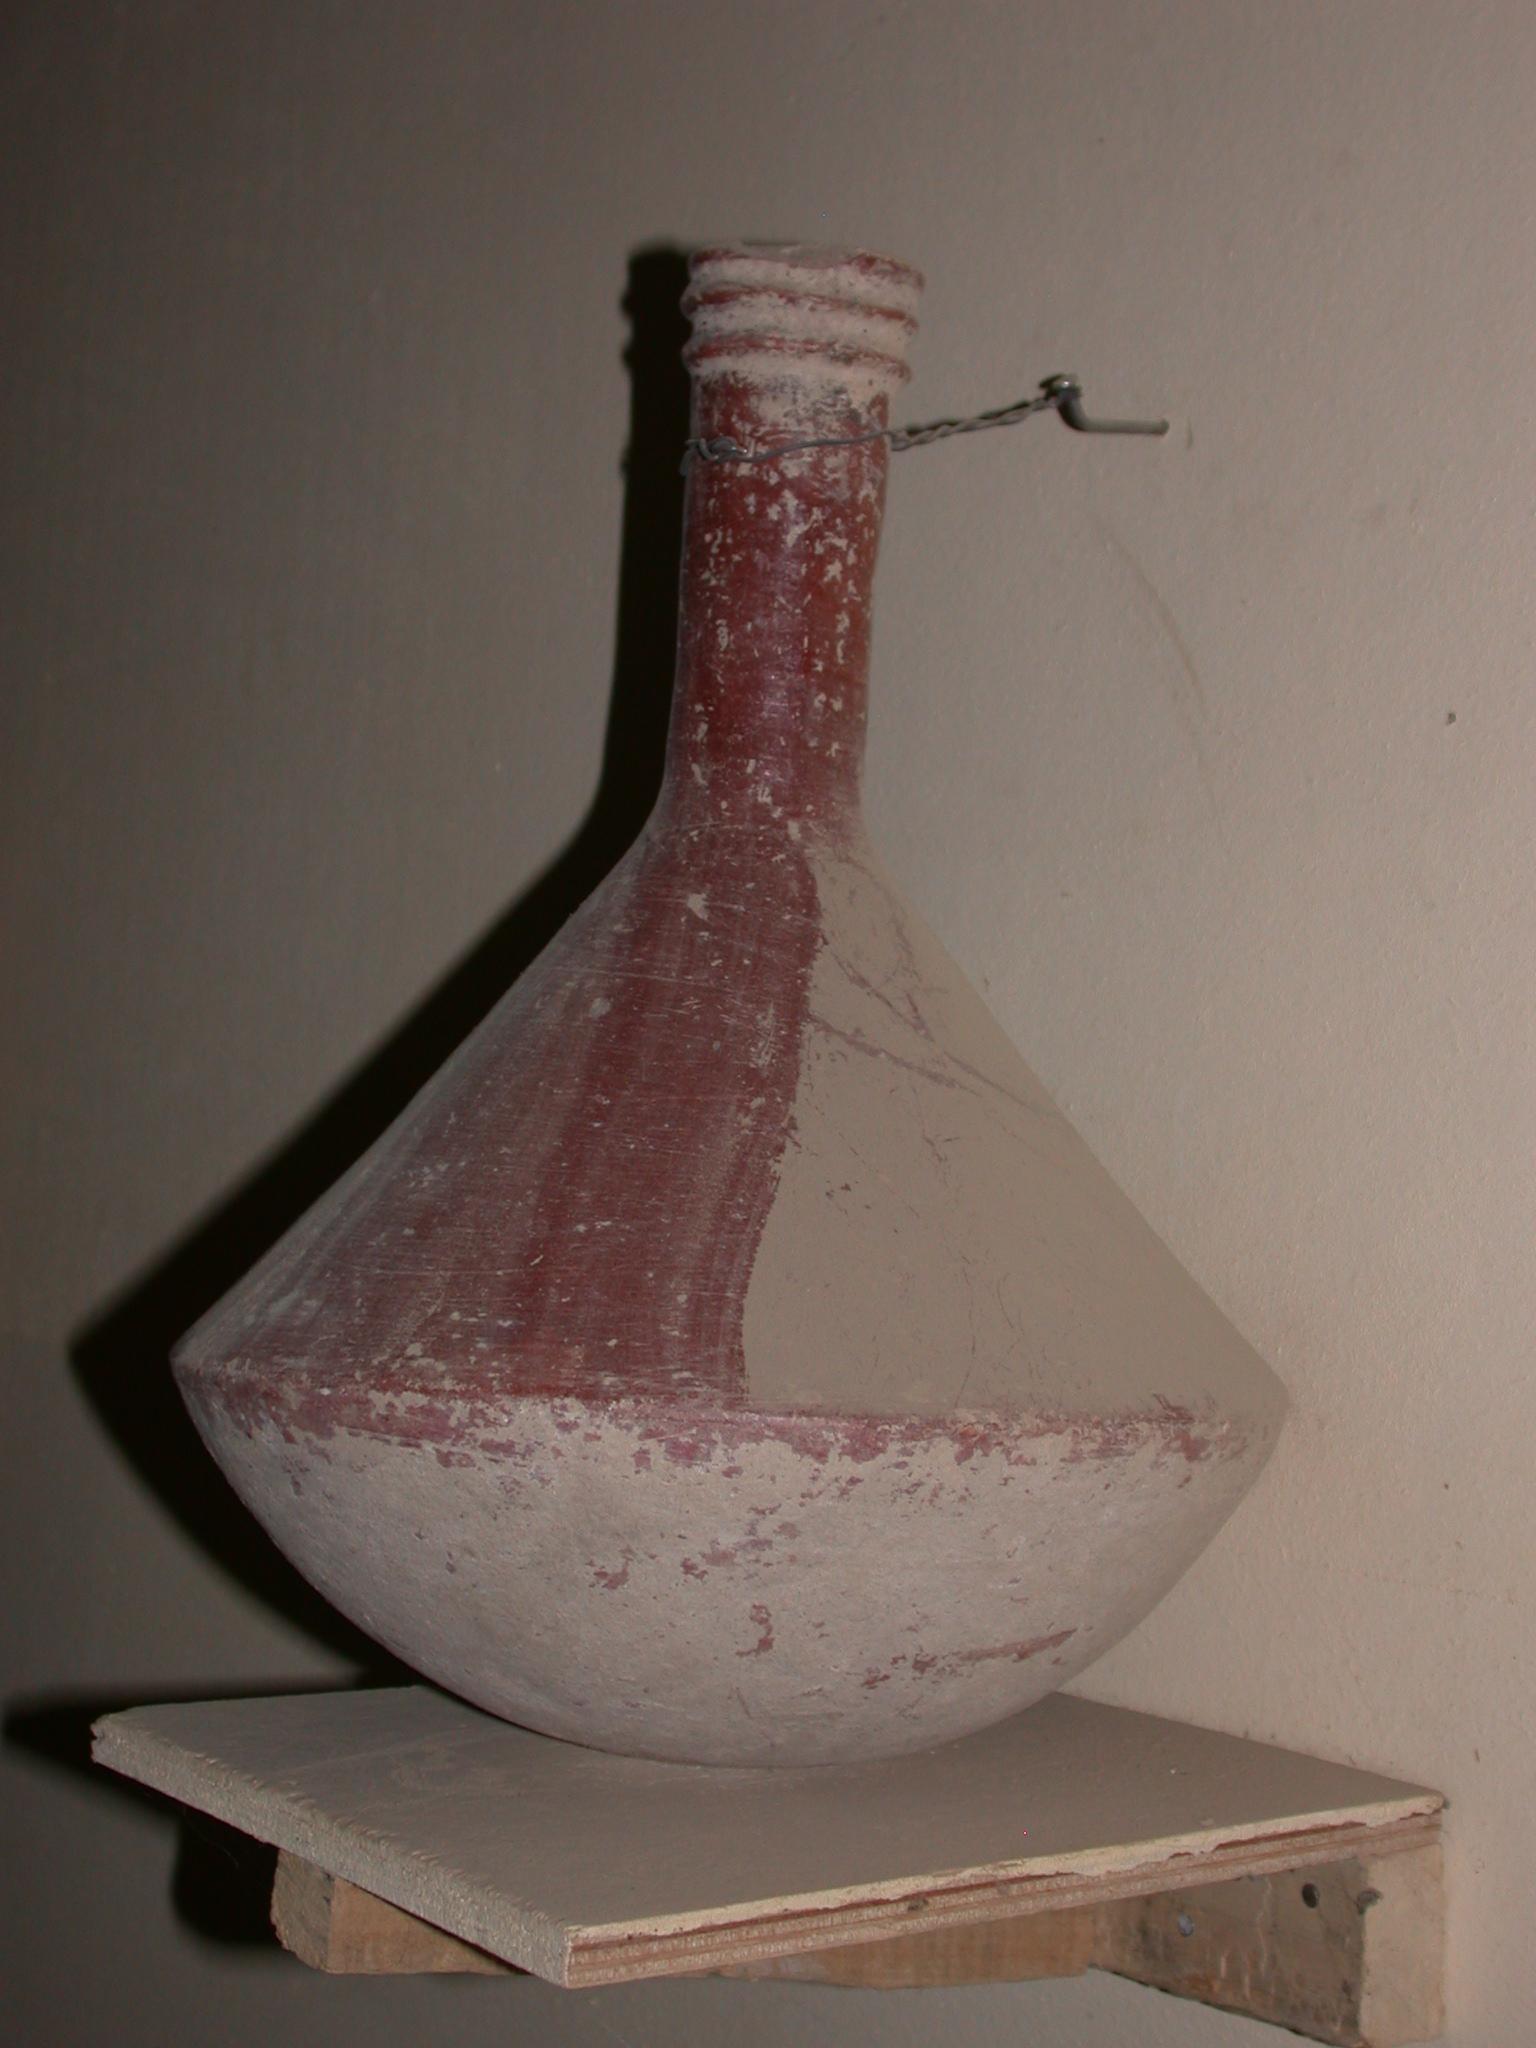 Vase, Timbuktu Ethnological Museum, Timbuktu, Mali